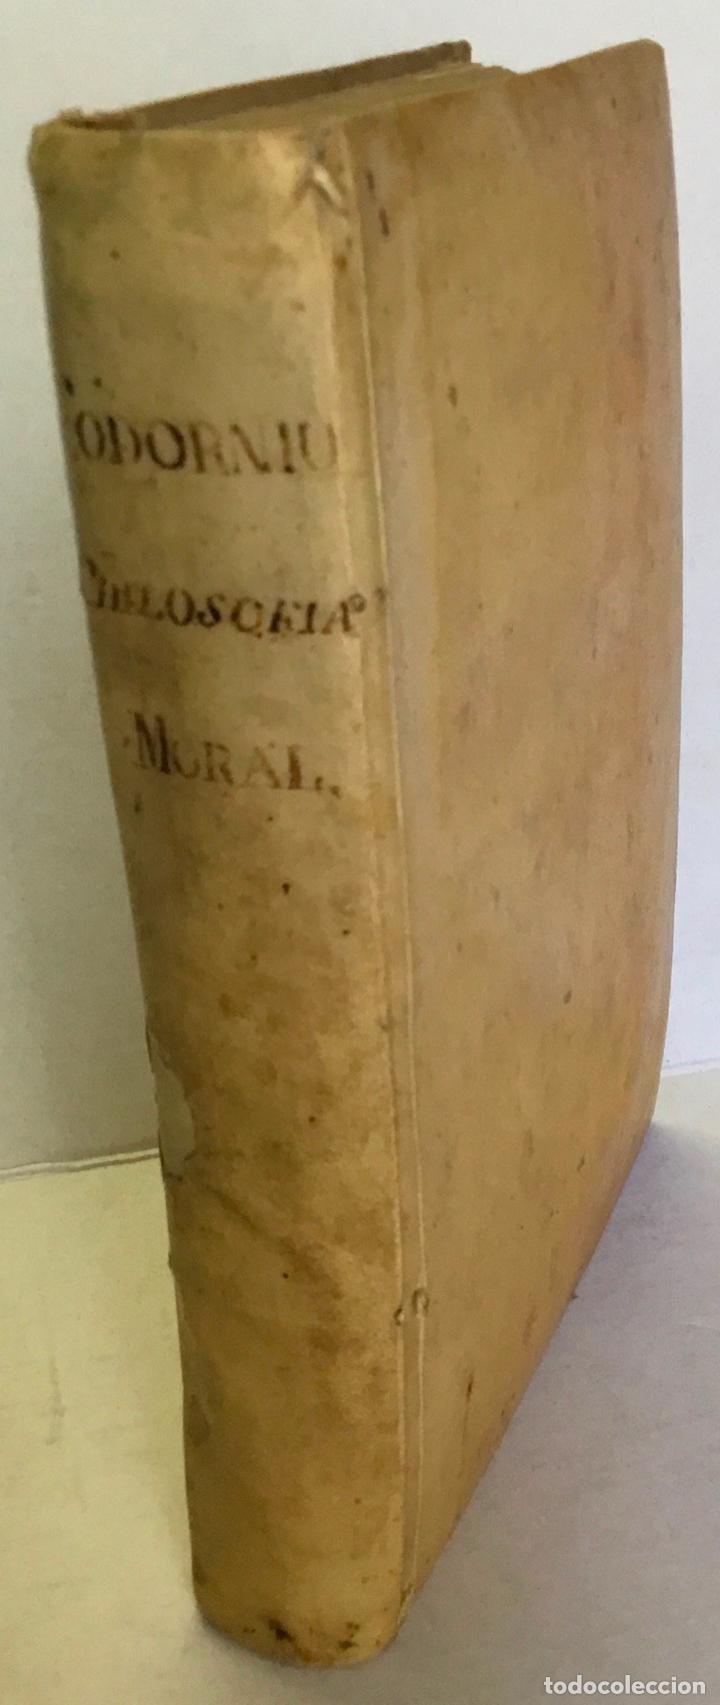 Libros antiguos: INDICE DE LA PHILOSOFIA MORAL, CHRISTIANO-POLITICA, DIRIGIDO A LOS NOBLES DE NACIMIENTO, Y ESPIRITU, - Foto 2 - 123176555